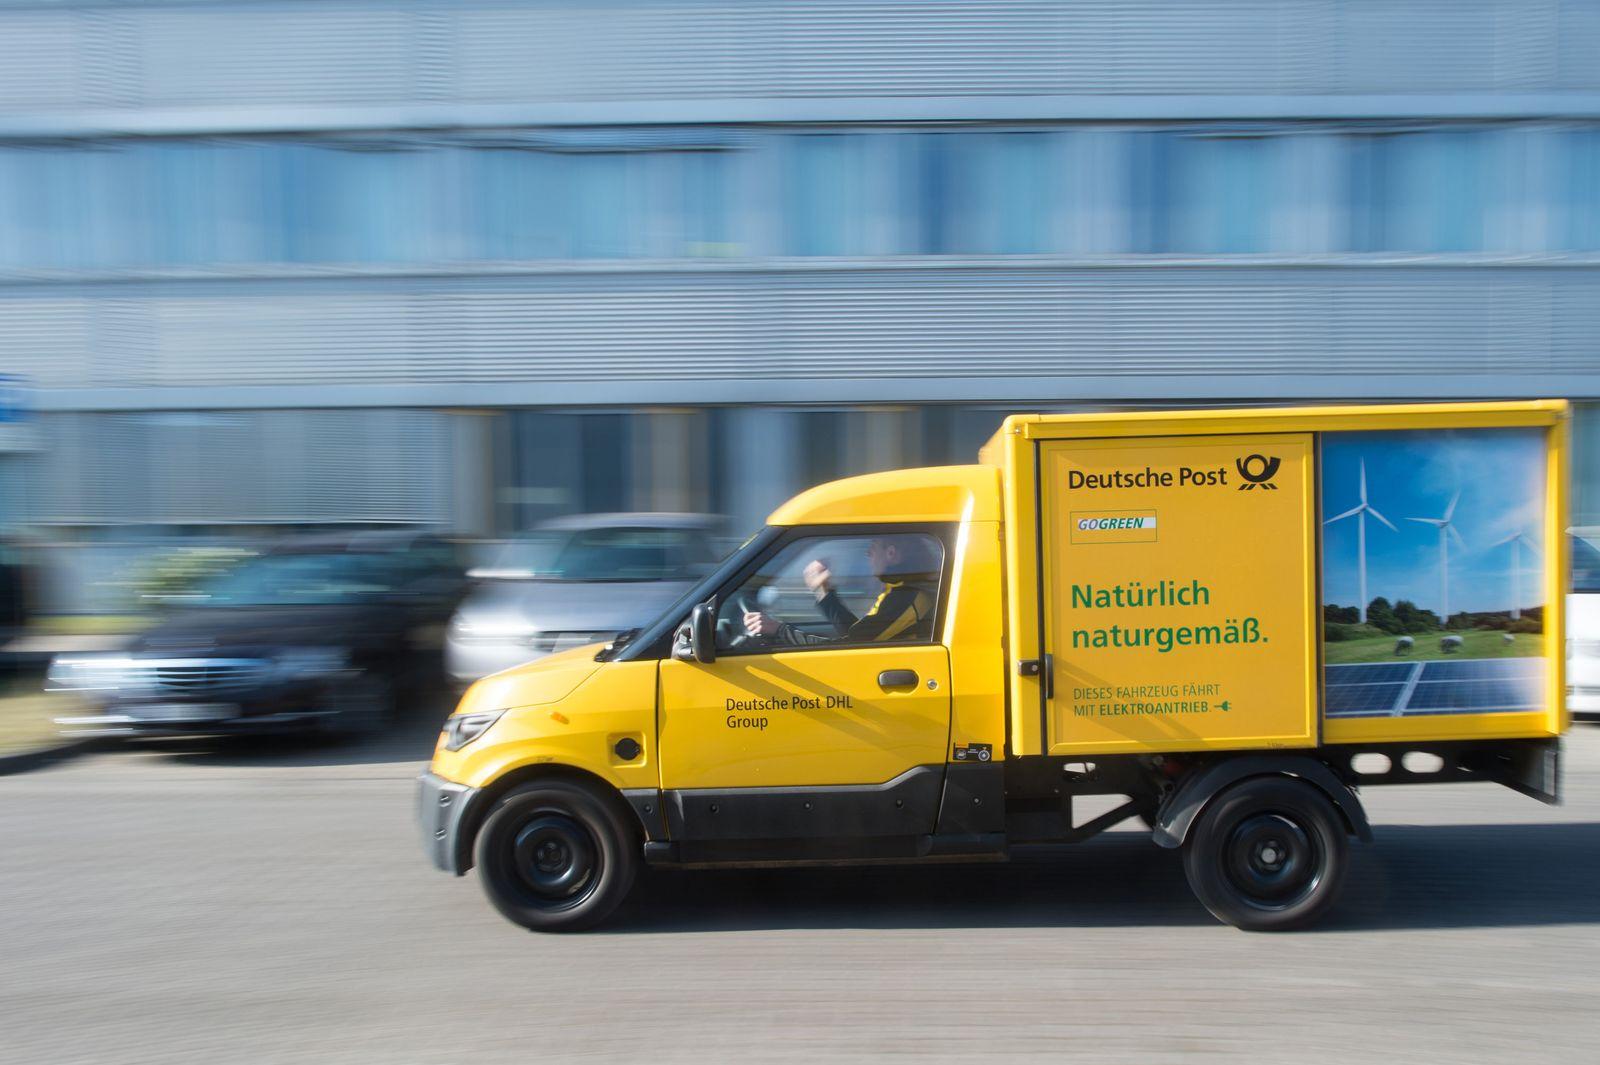 Post will Produktion von Streetscootern noch 2020 einstellen